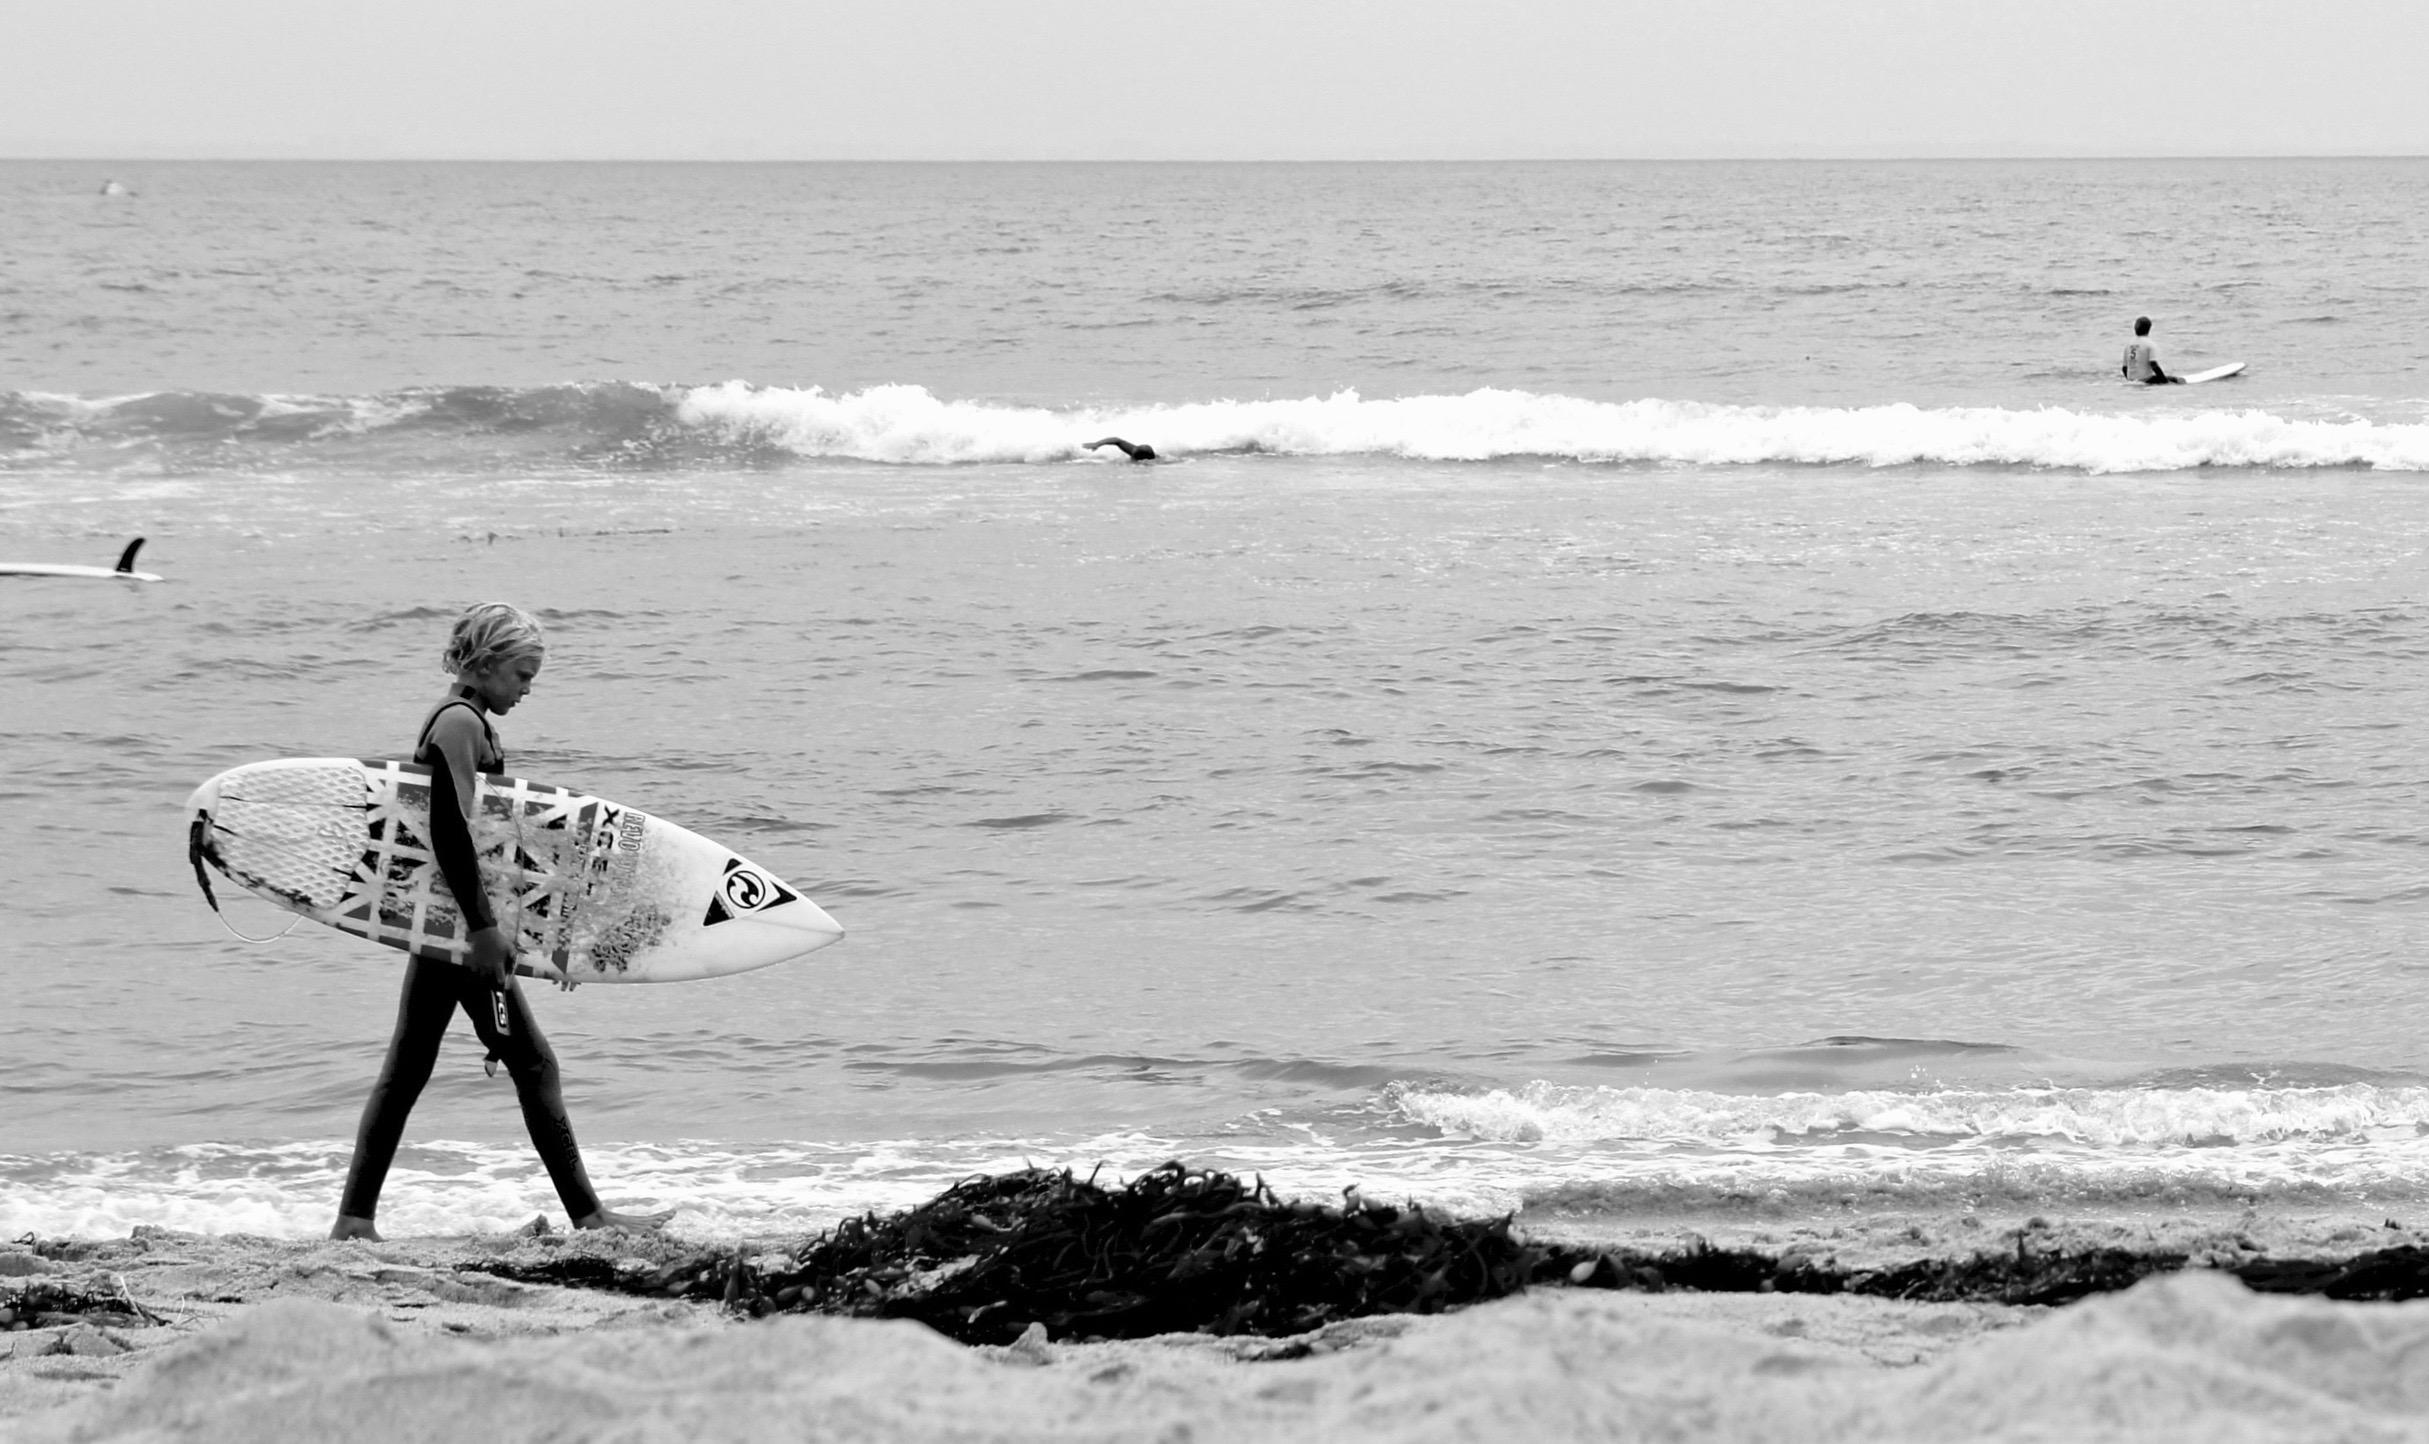 LIfe on the beach -